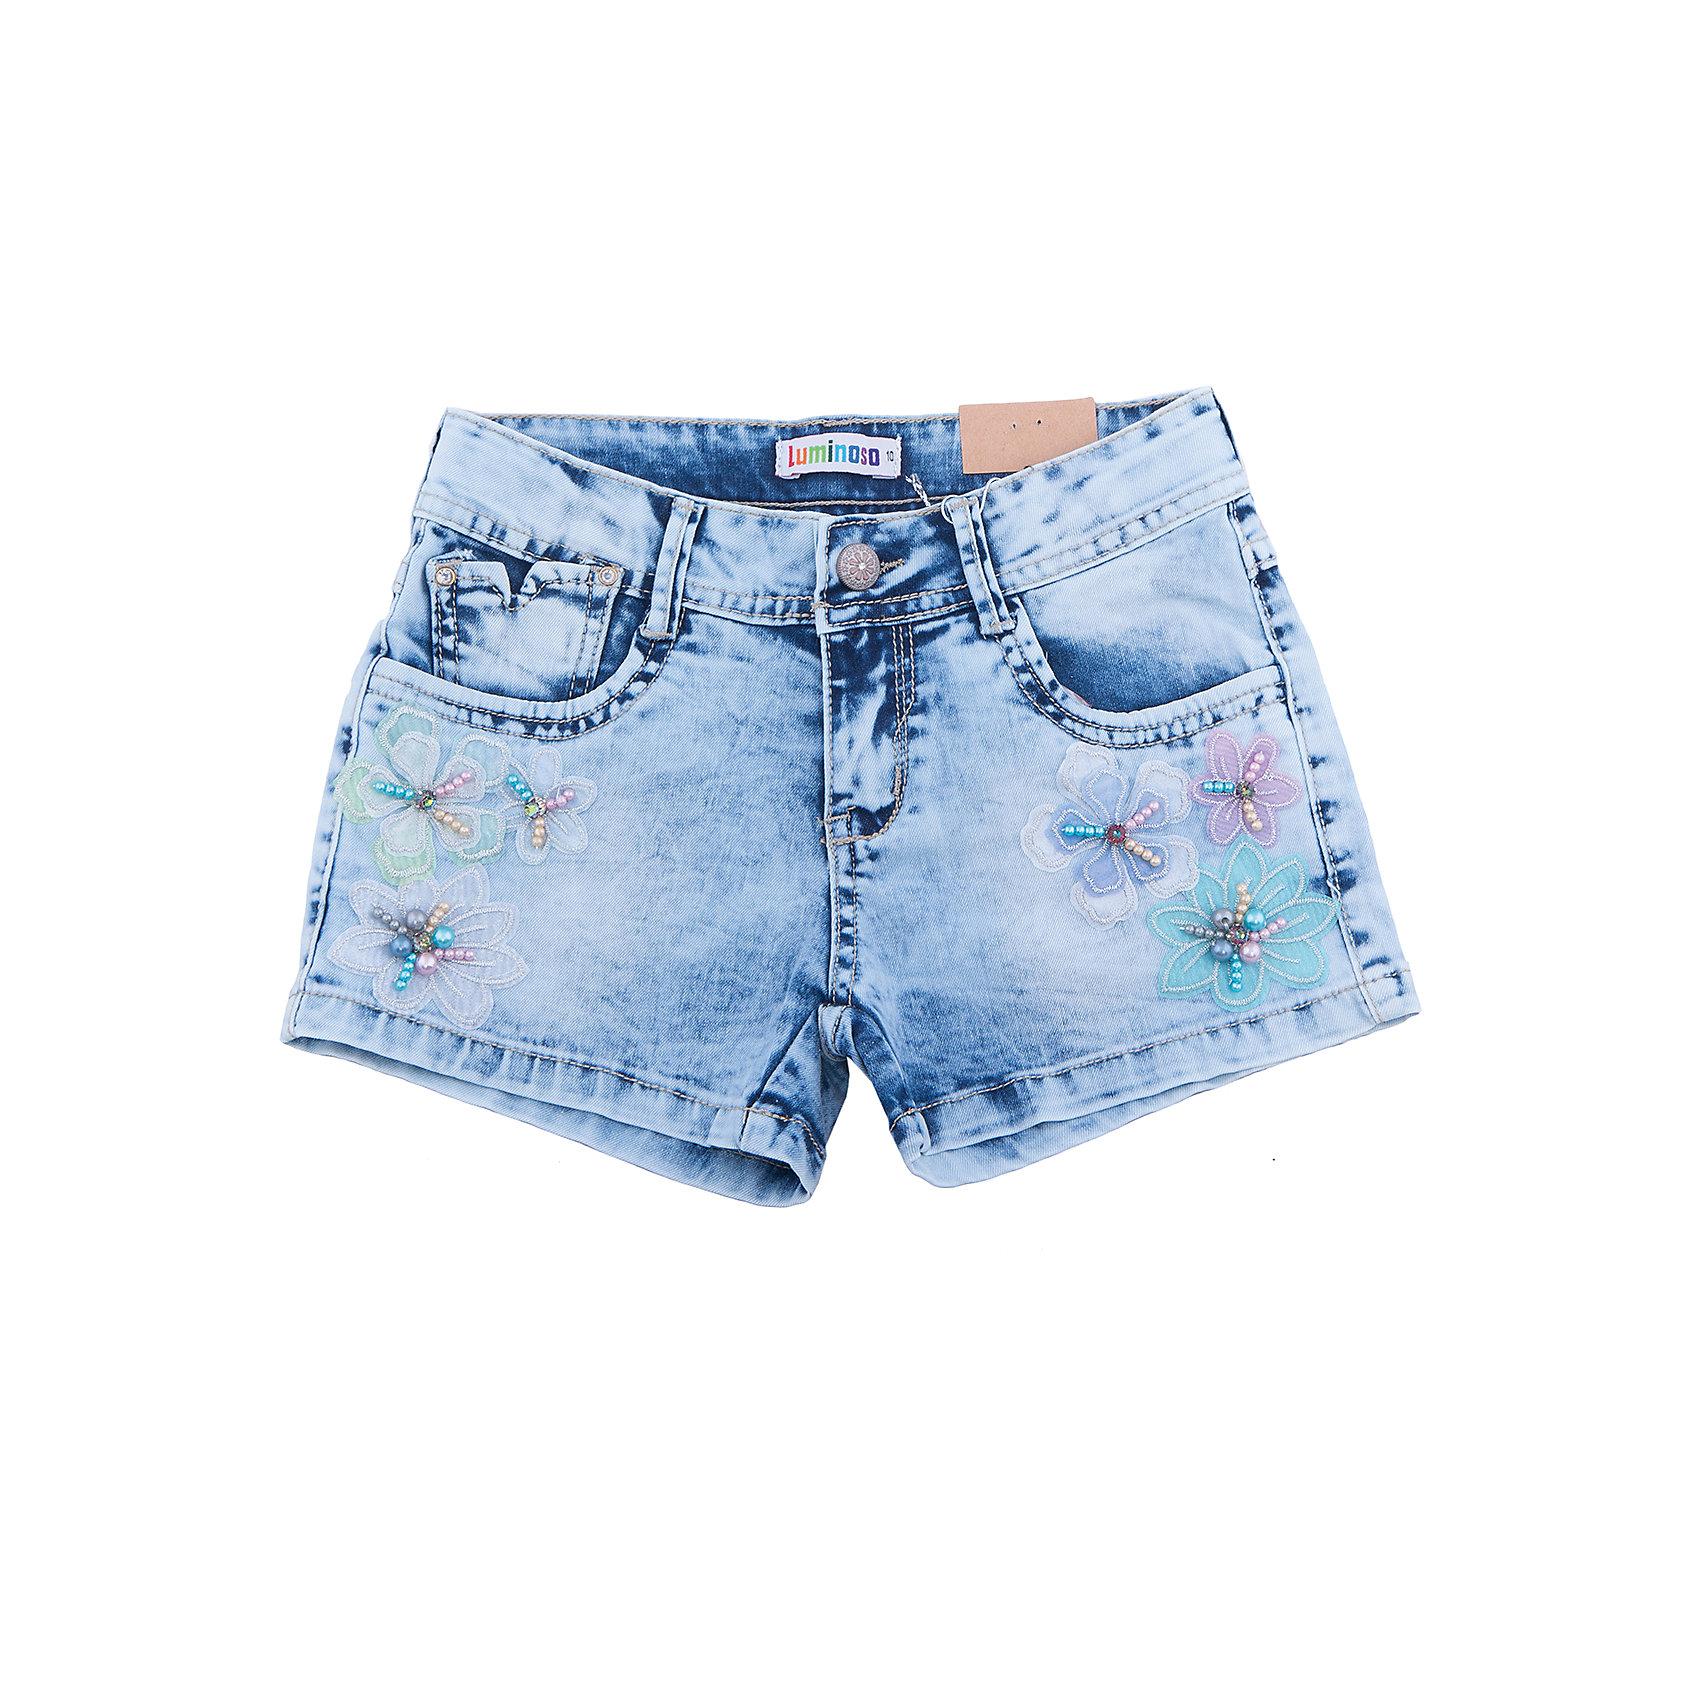 Шорты джинсовые для девочки LuminosoШорты, бриджи, капри<br>Короткие джинсовые шорты для девочки. Низ декорирован цветами и бусинами. Имеется два боковых кармана.  Застегиваются на молнию и пуговицу.<br>Состав:<br>98% хлопок, 2% эластан<br><br>Ширина мм: 191<br>Глубина мм: 10<br>Высота мм: 175<br>Вес г: 273<br>Цвет: синий<br>Возраст от месяцев: 108<br>Возраст до месяцев: 120<br>Пол: Женский<br>Возраст: Детский<br>Размер: 140,146,152,158,164,134<br>SKU: 5413298